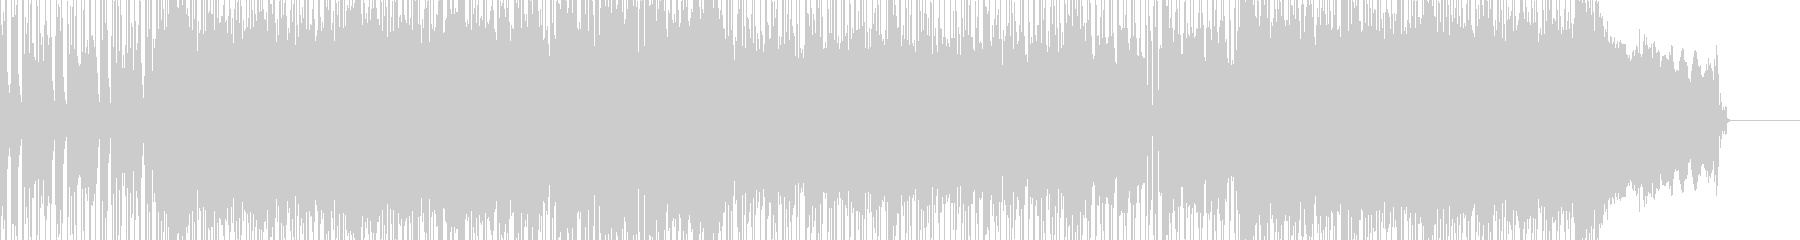 元気いっぱいなポップロックBGMの未再生の波形